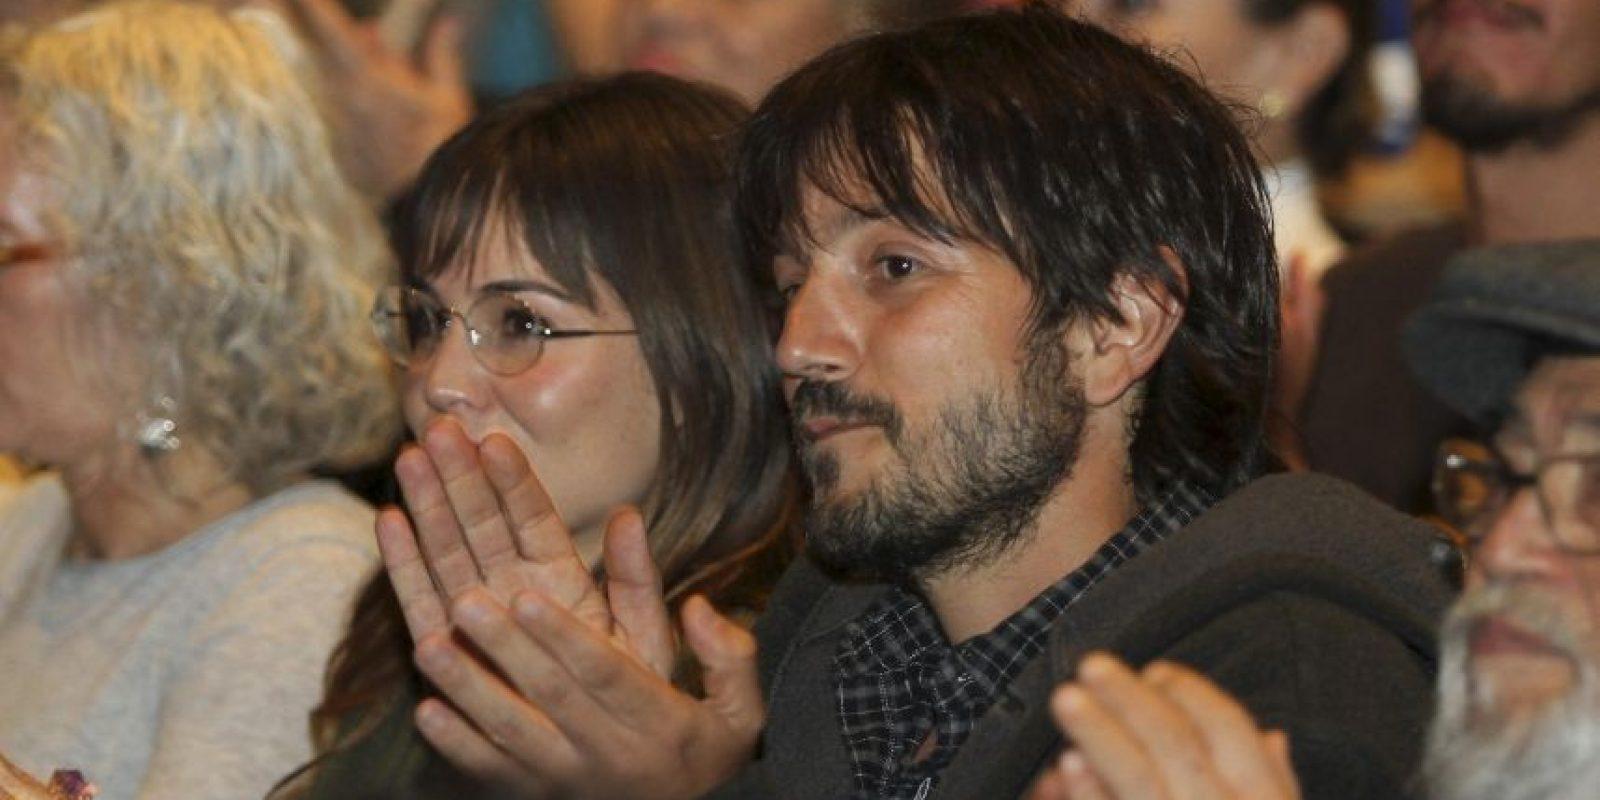 Ambos se veían contentos Foto:Grosby Group